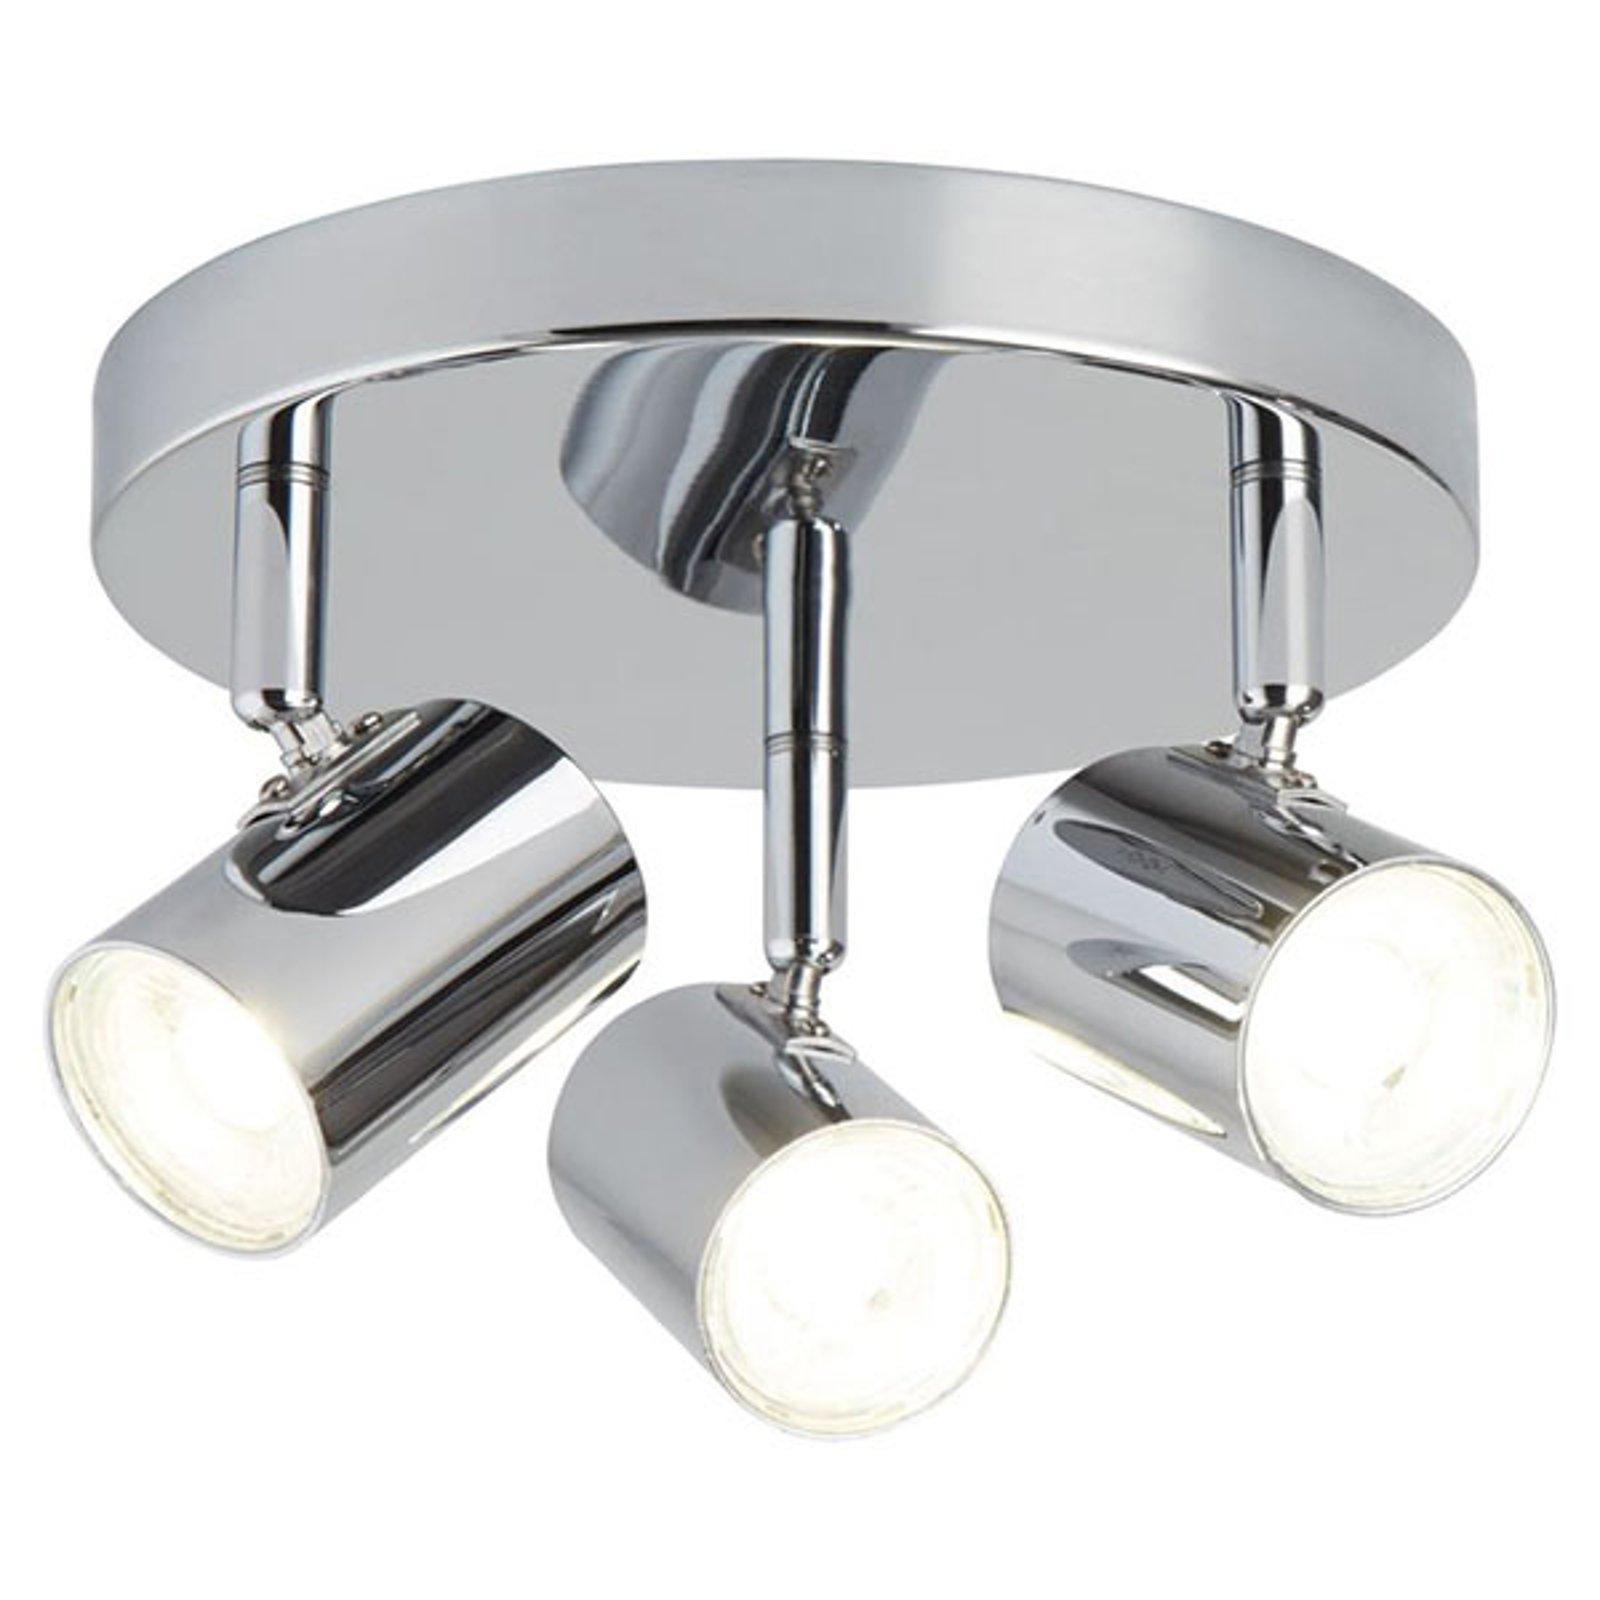 LED-taklampe Rollo, 3 lyskilder, krom